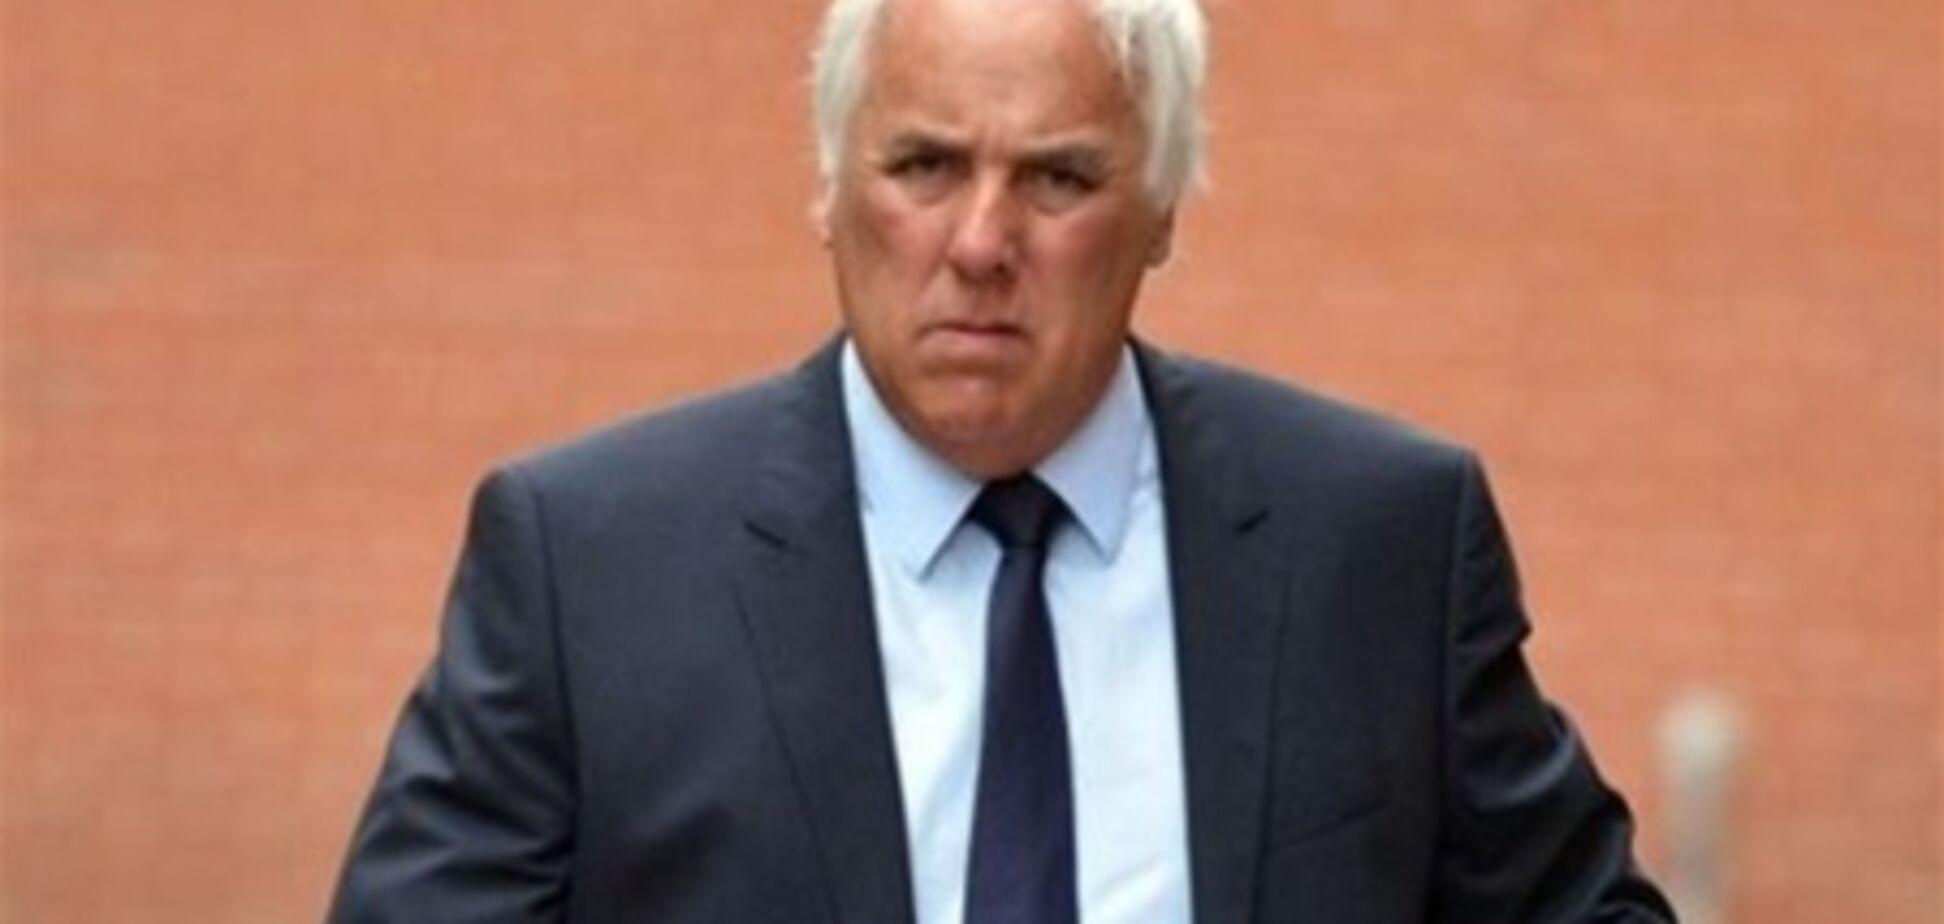 Отца известных английских футболистов обвиняют в изнасиловании